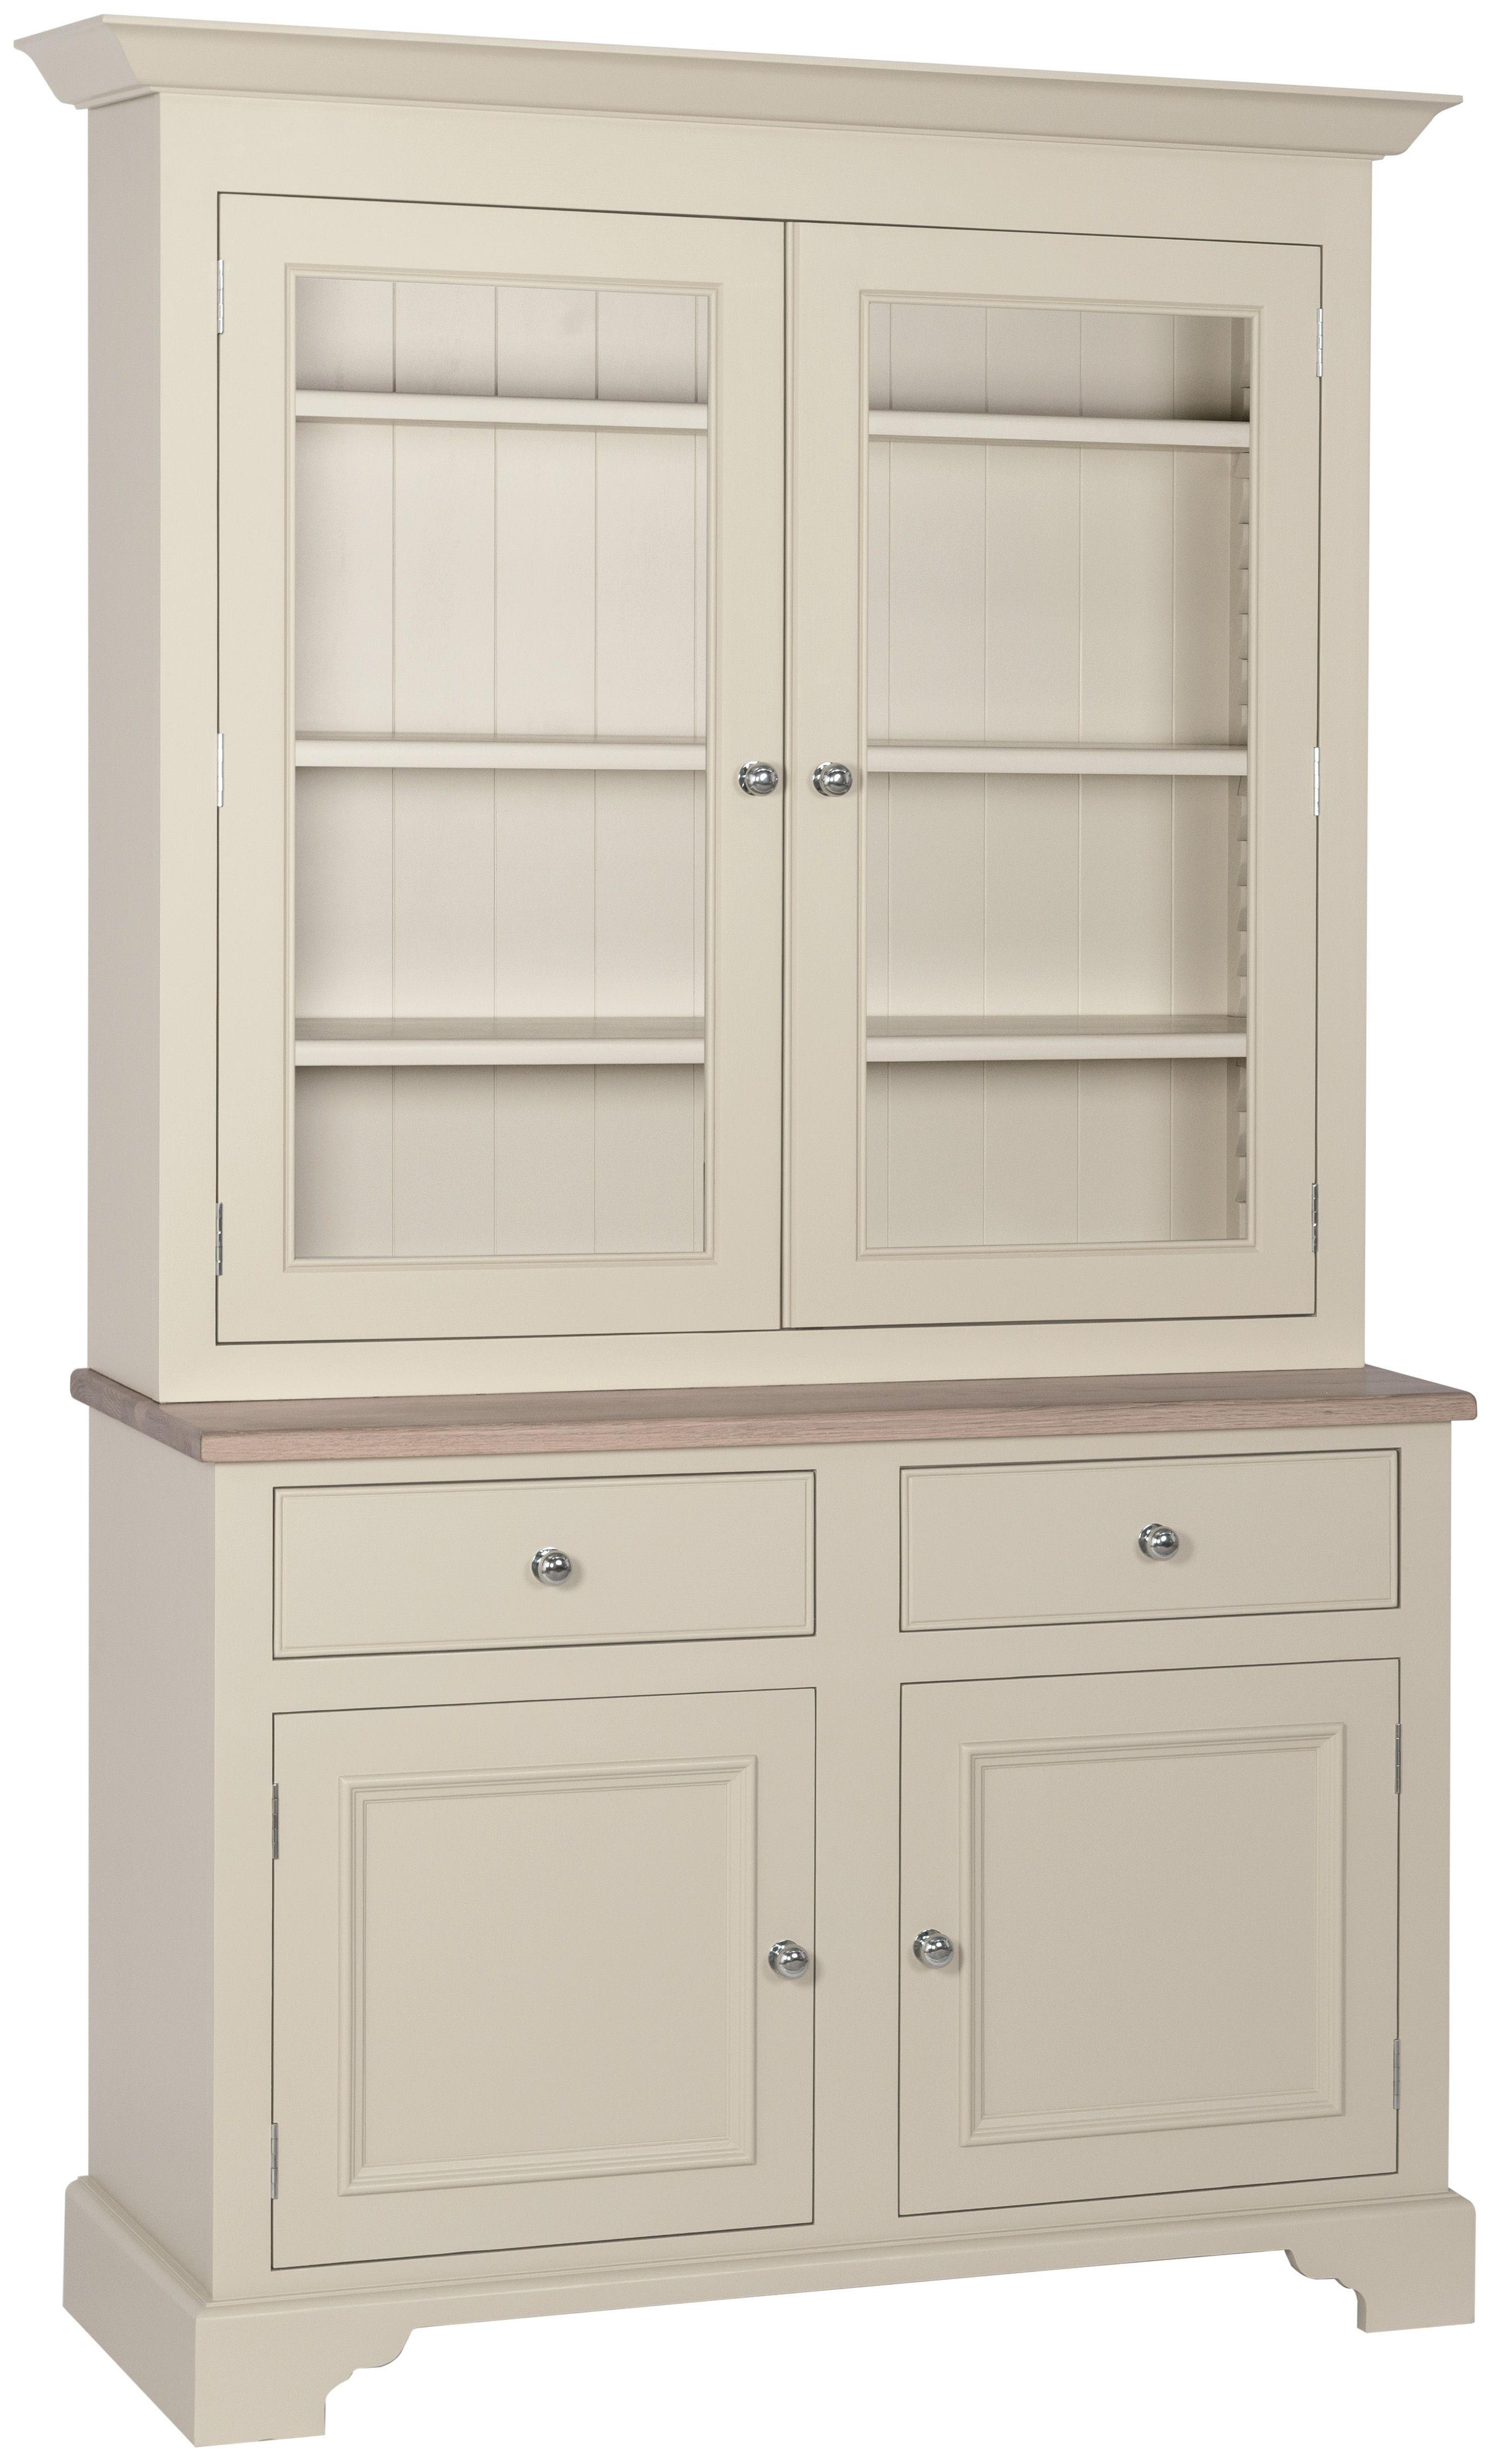 Neptune Chichester Glazed Rack Dresser, 4ft